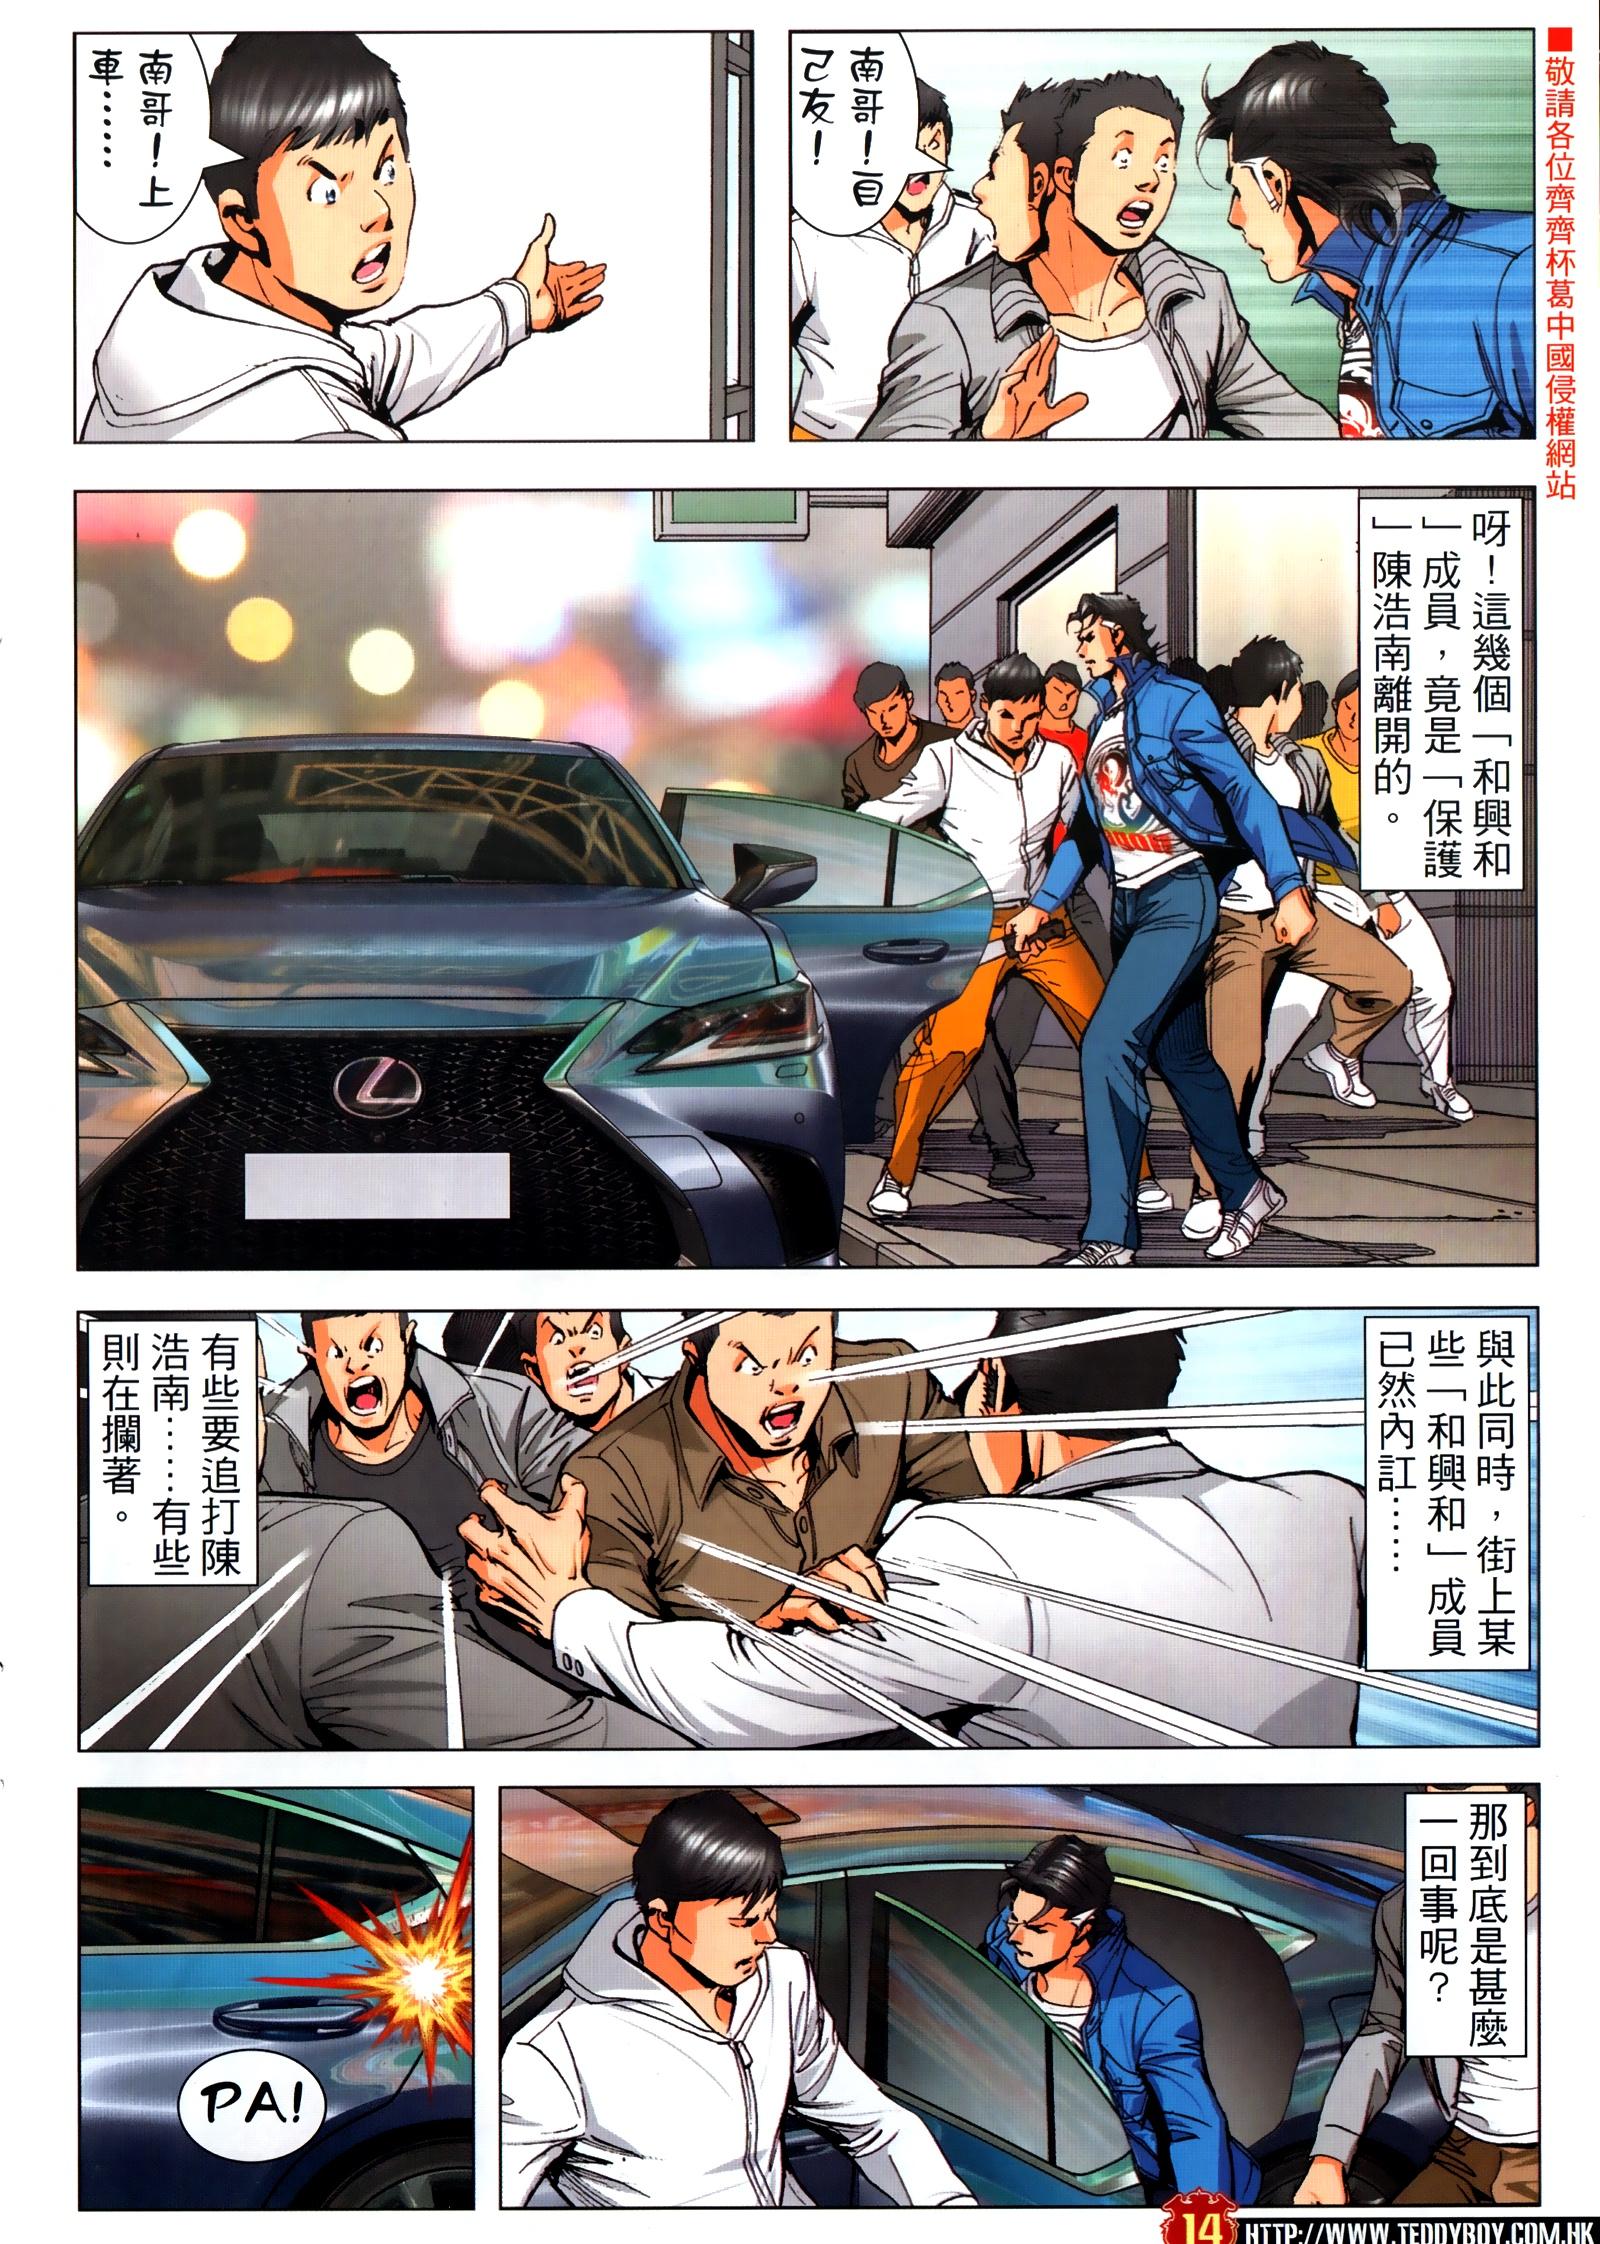 古惑仔漫畫第2306回 力挫和興和II(第14頁)劇情-二次元動漫